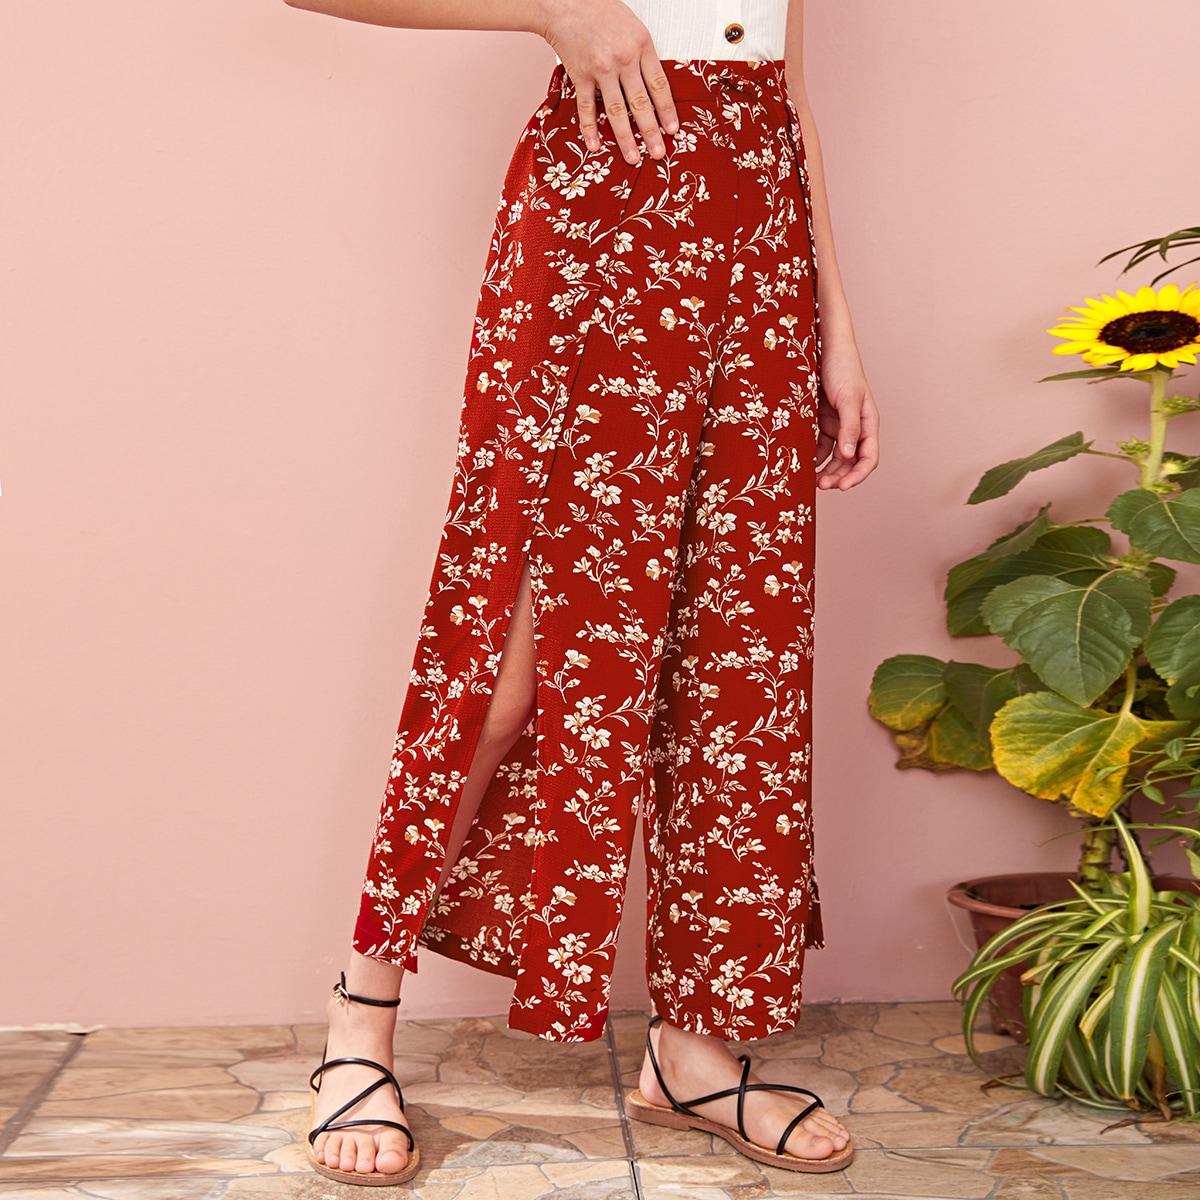 SHEIN / Hose mit Schleife Detail, seitlichem Schlitz, Wickel Design, breitem Beinschnitt und Blumen Muster